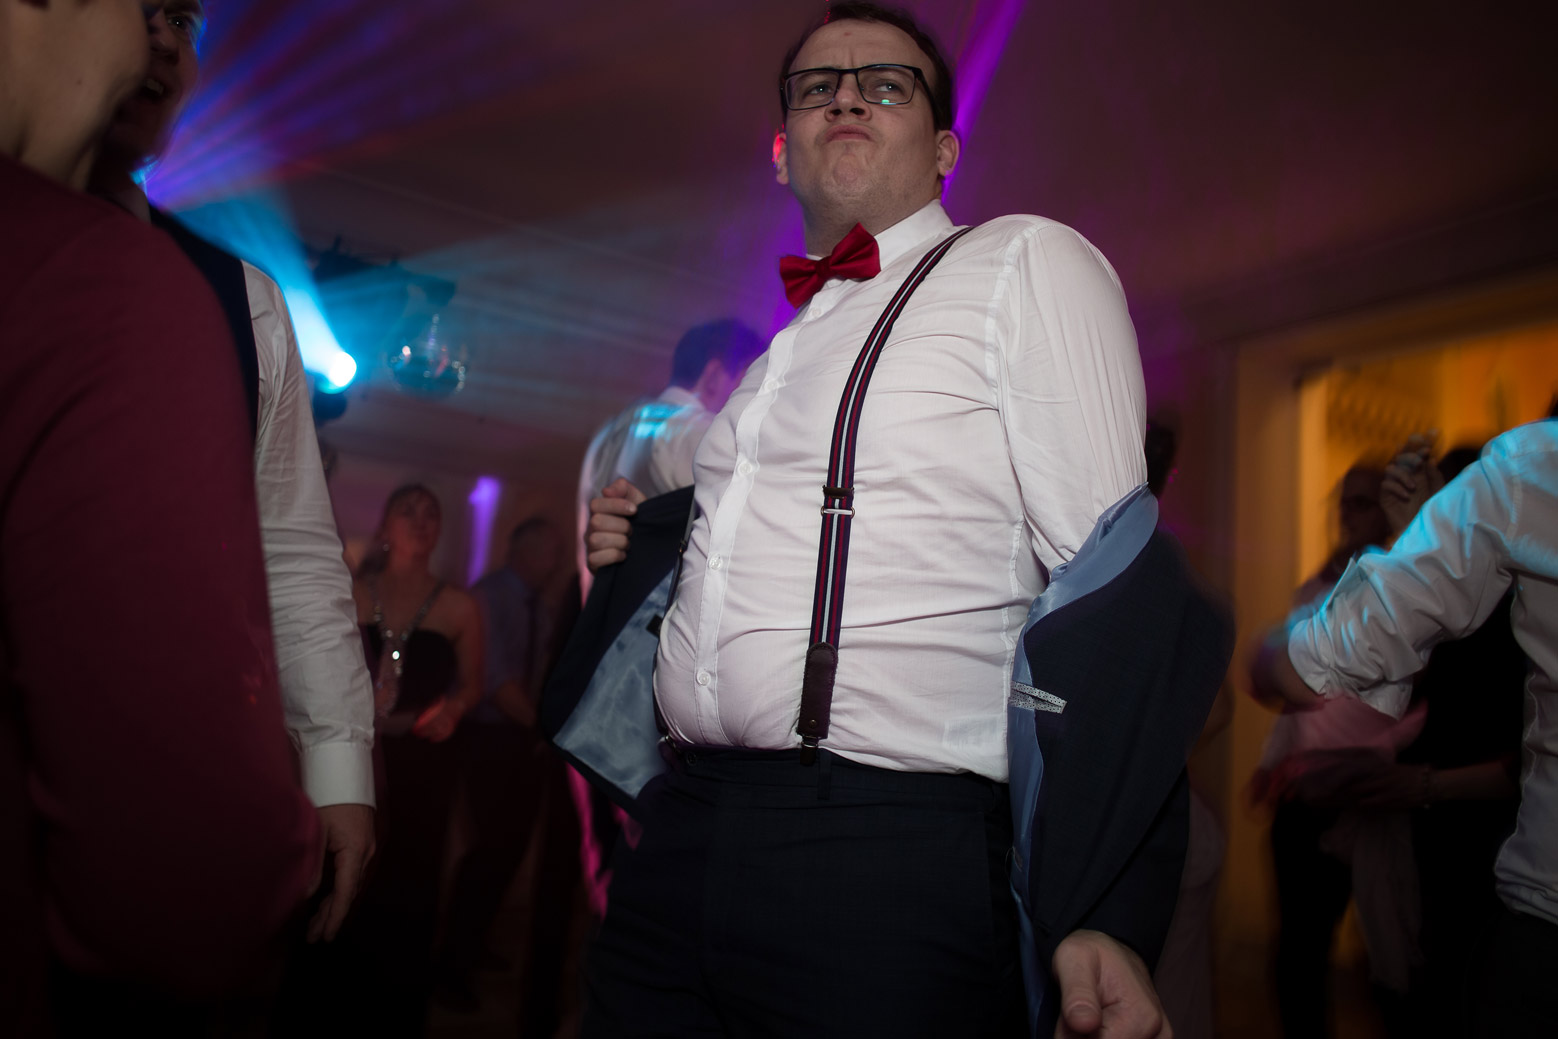 Hotel Royal Saint Mart Royat Clermont Ferrand Les invités dansent au mariage